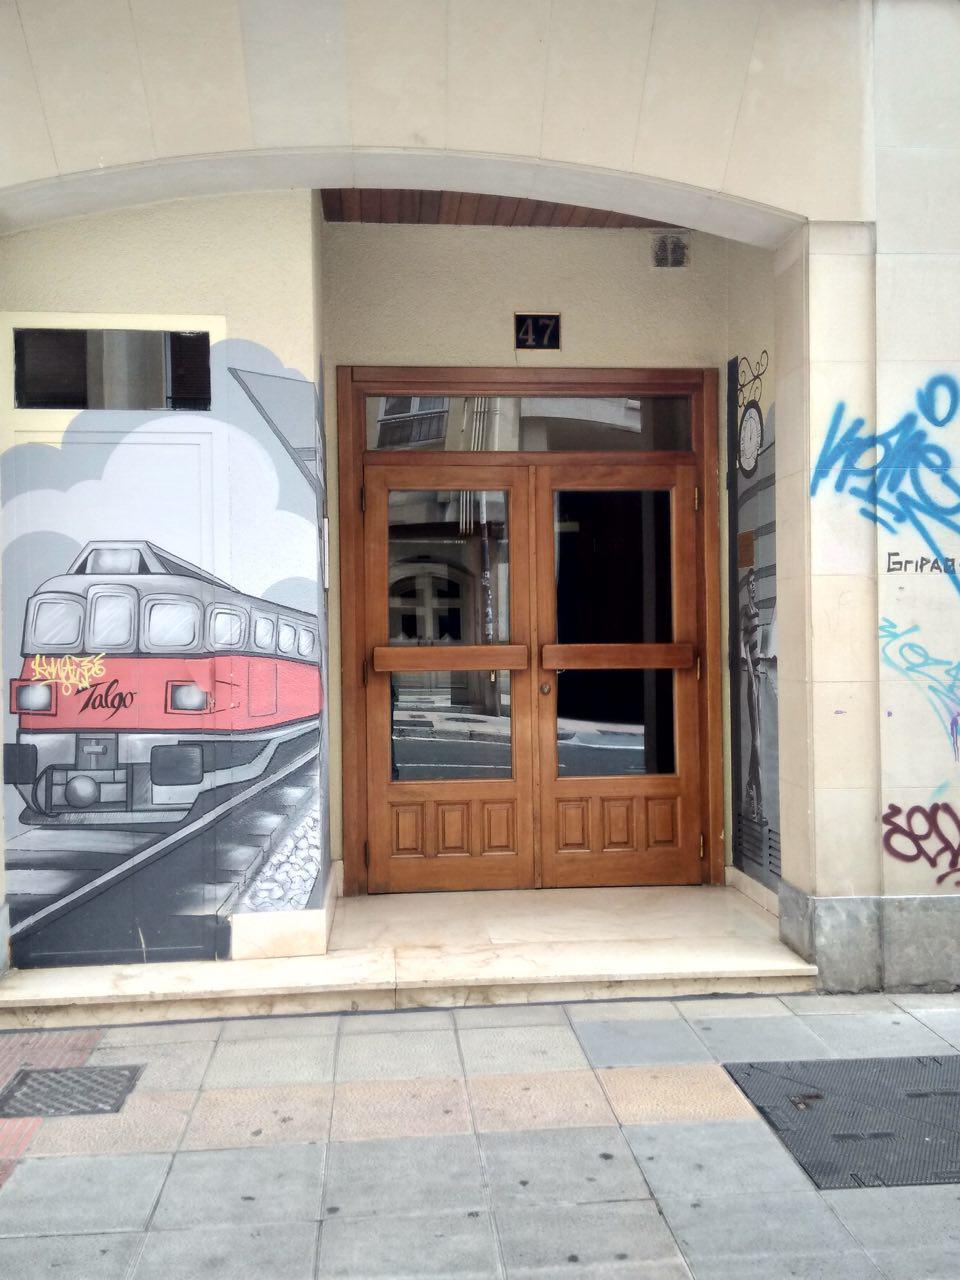 pequeños murales, Vitoria-Gasteiz, Arte Urbano, talgo